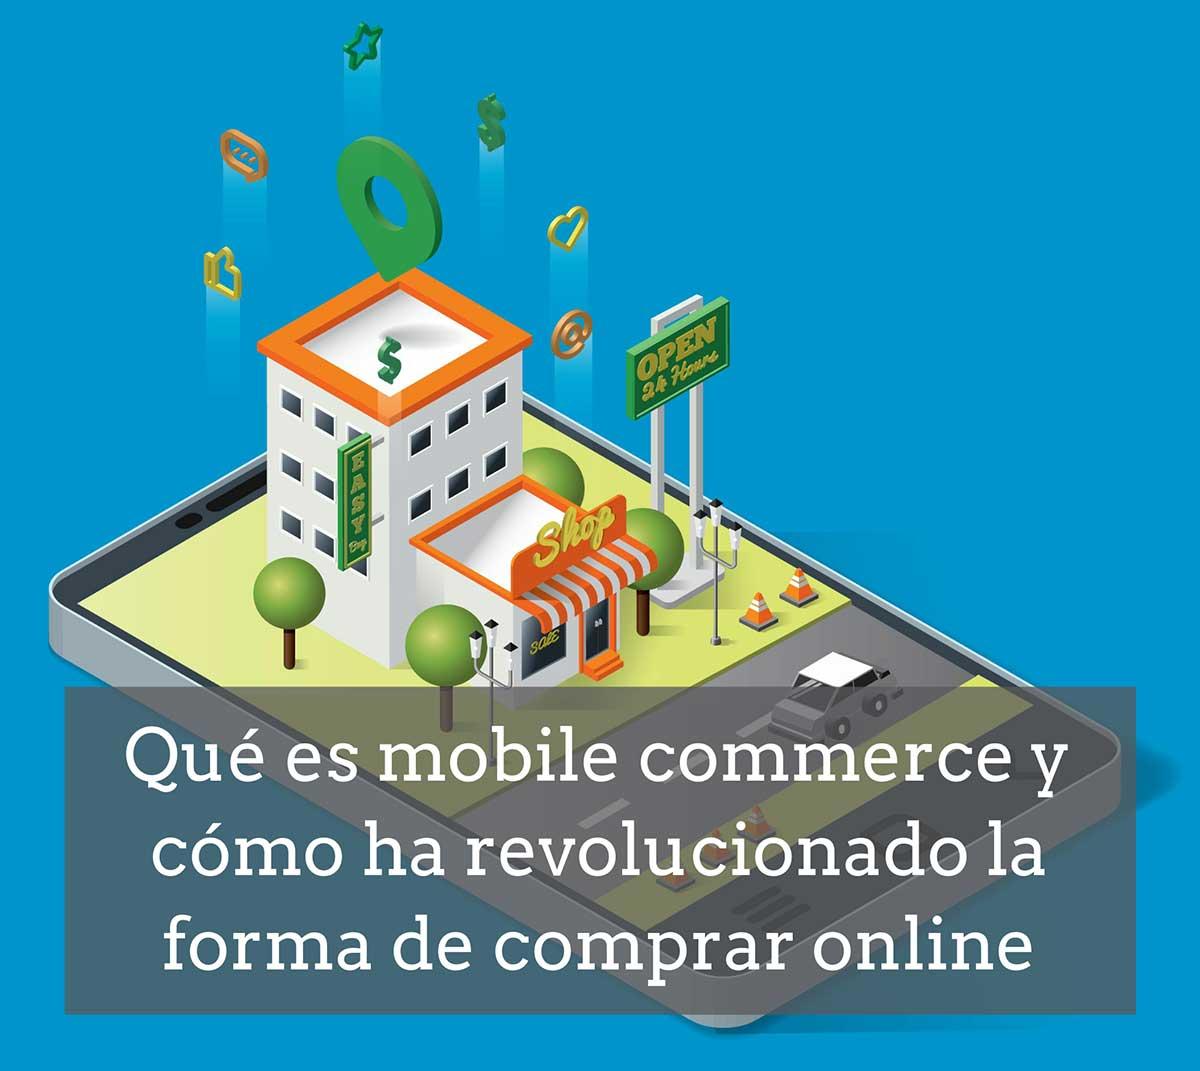 Qué es mobile commerce y cómo ha revolucionado la forma de comprar online